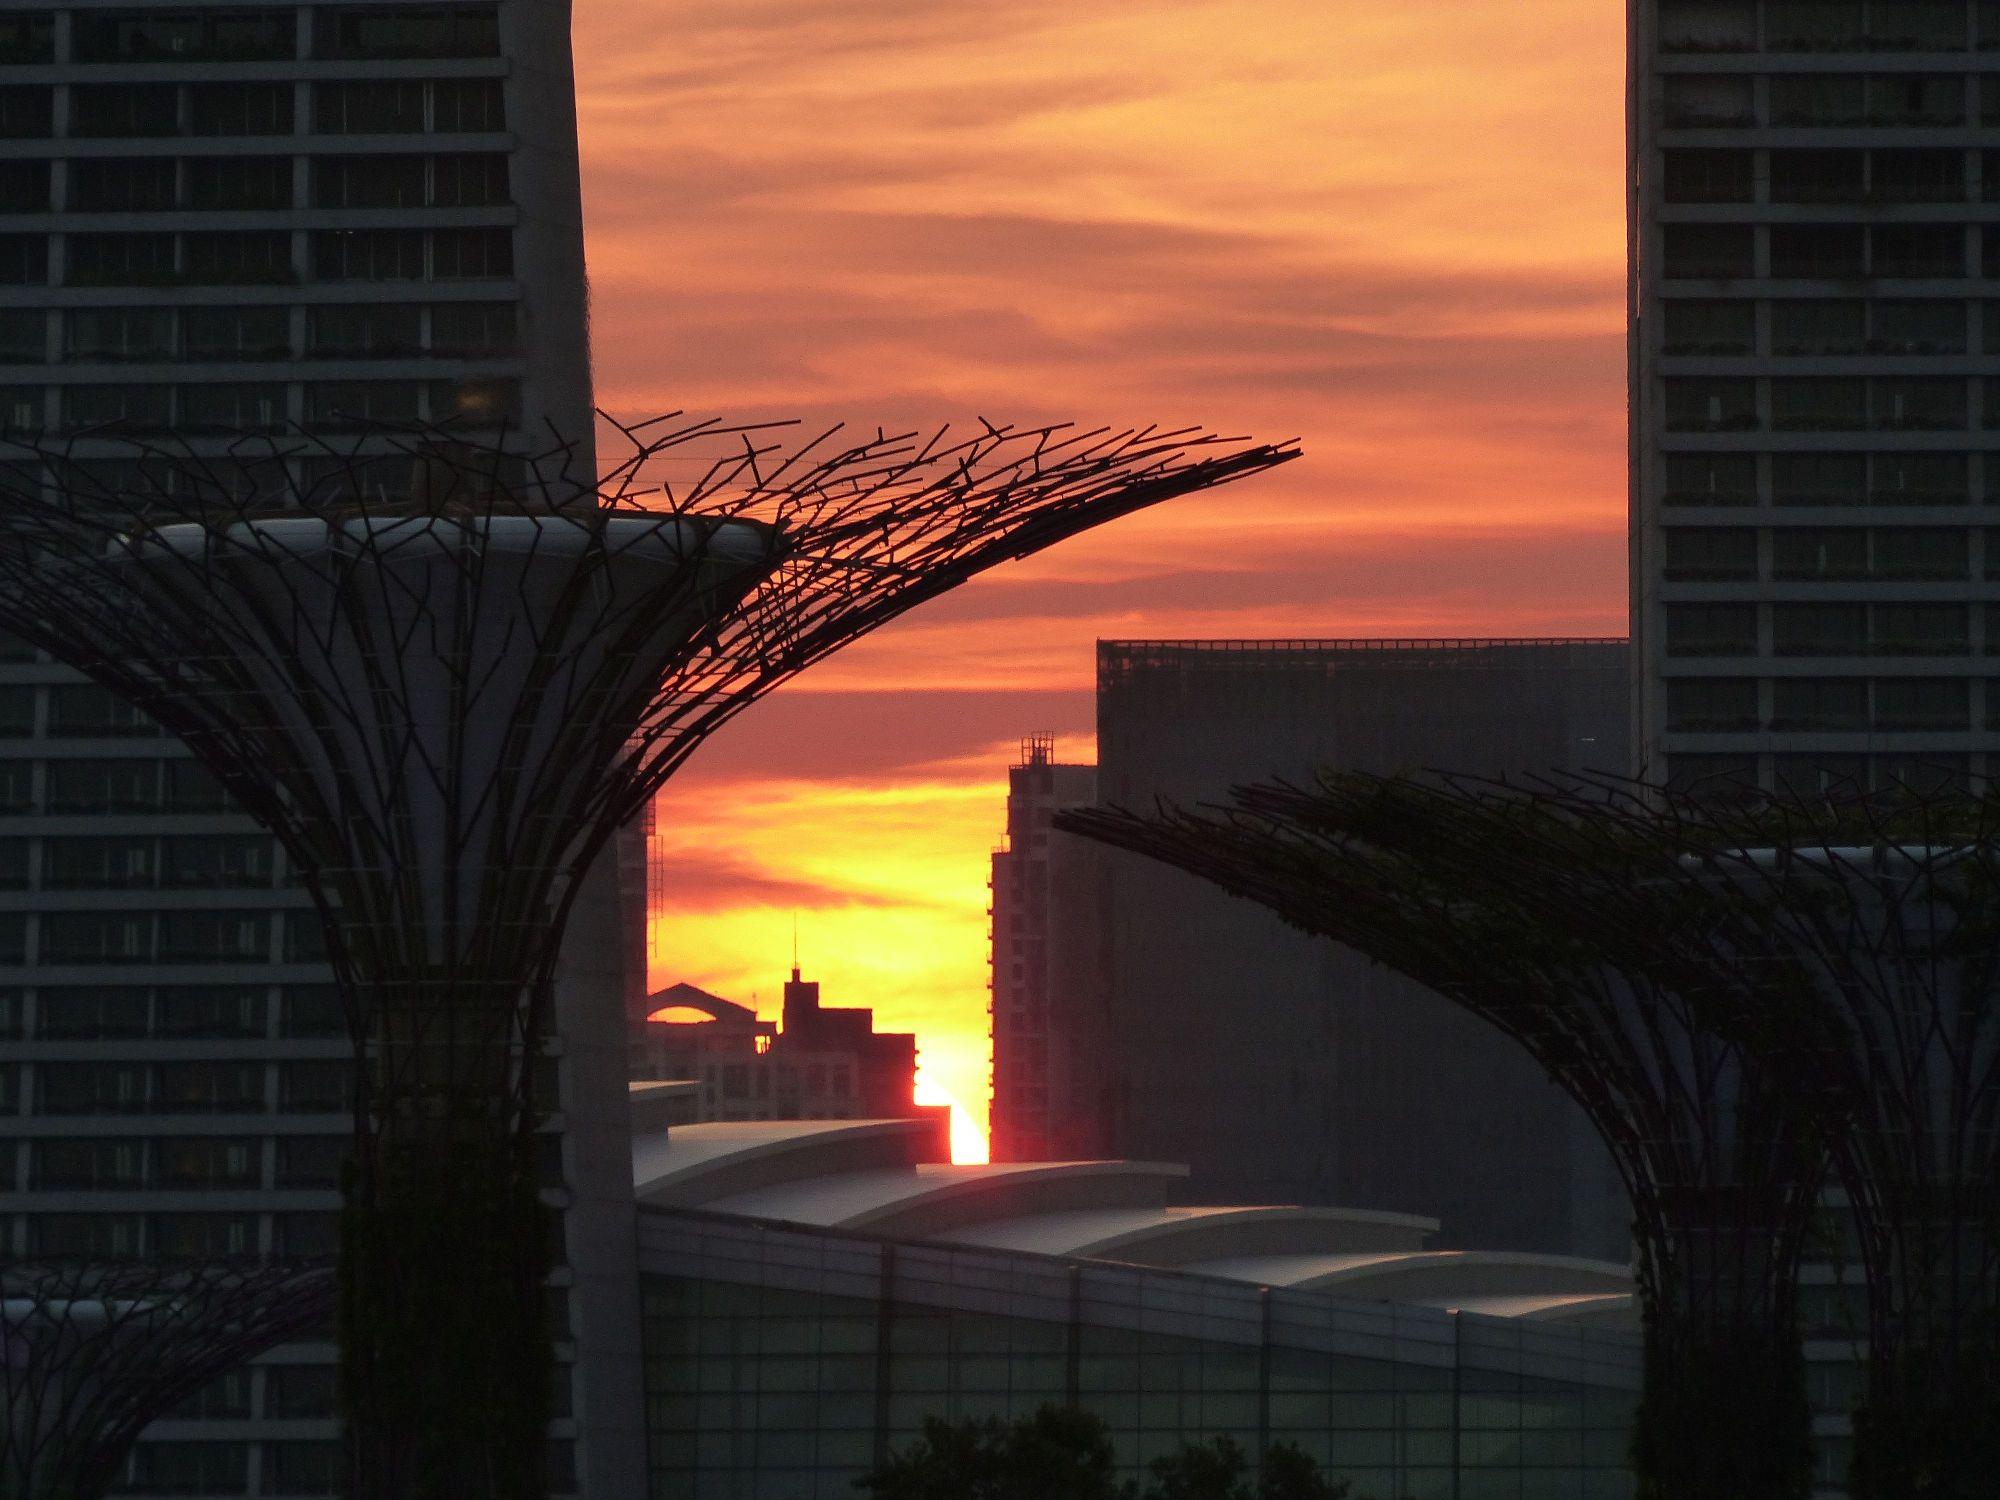 marina-barrage-cometas-puesta-sol (18)